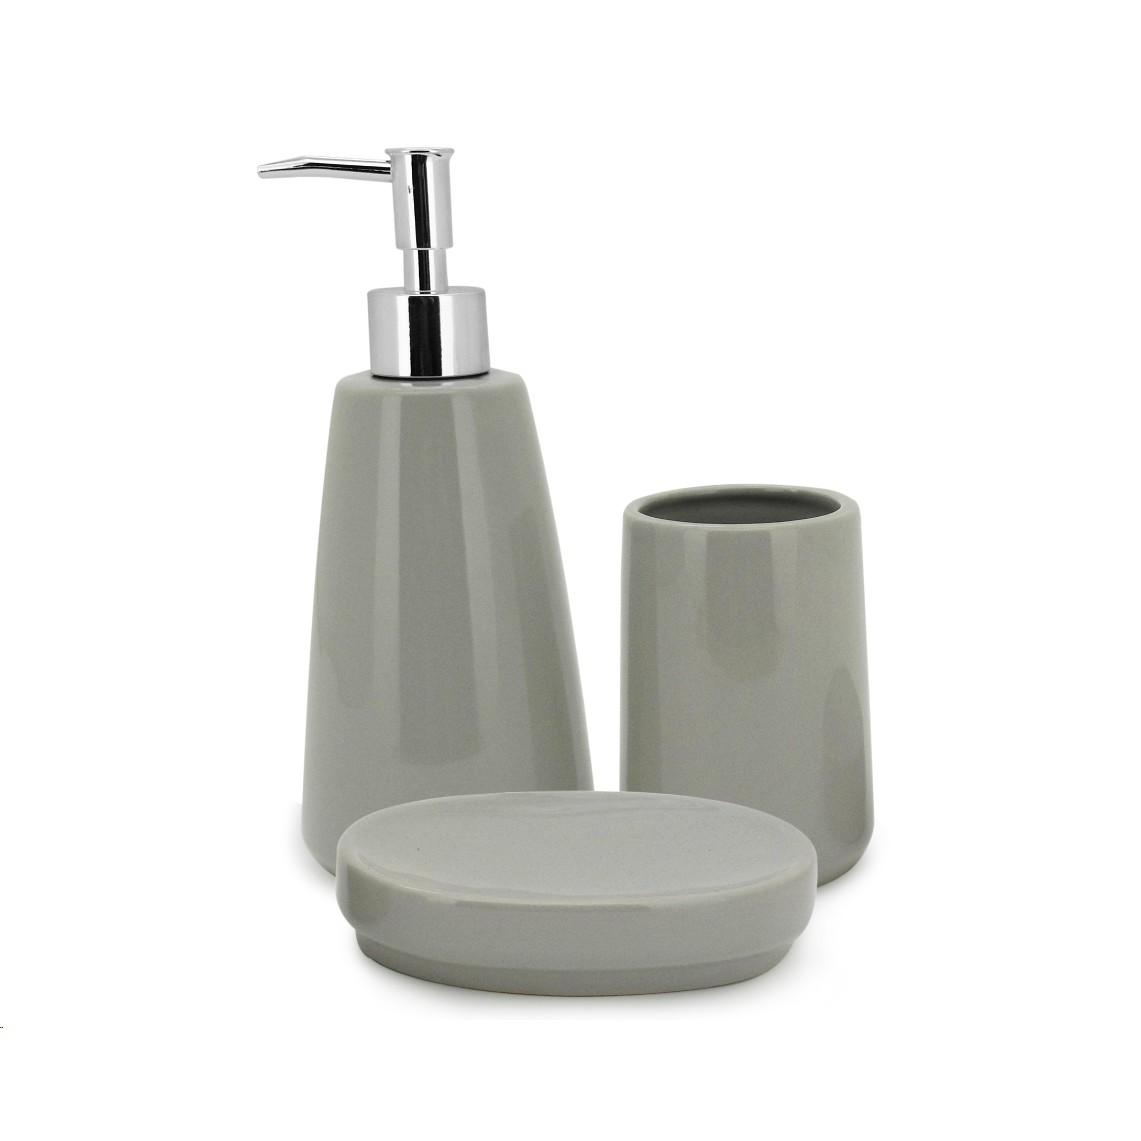 Jogo para Banheiro de Ceramica Pale Gray 3 Pecas - Mimo Imp - 7090